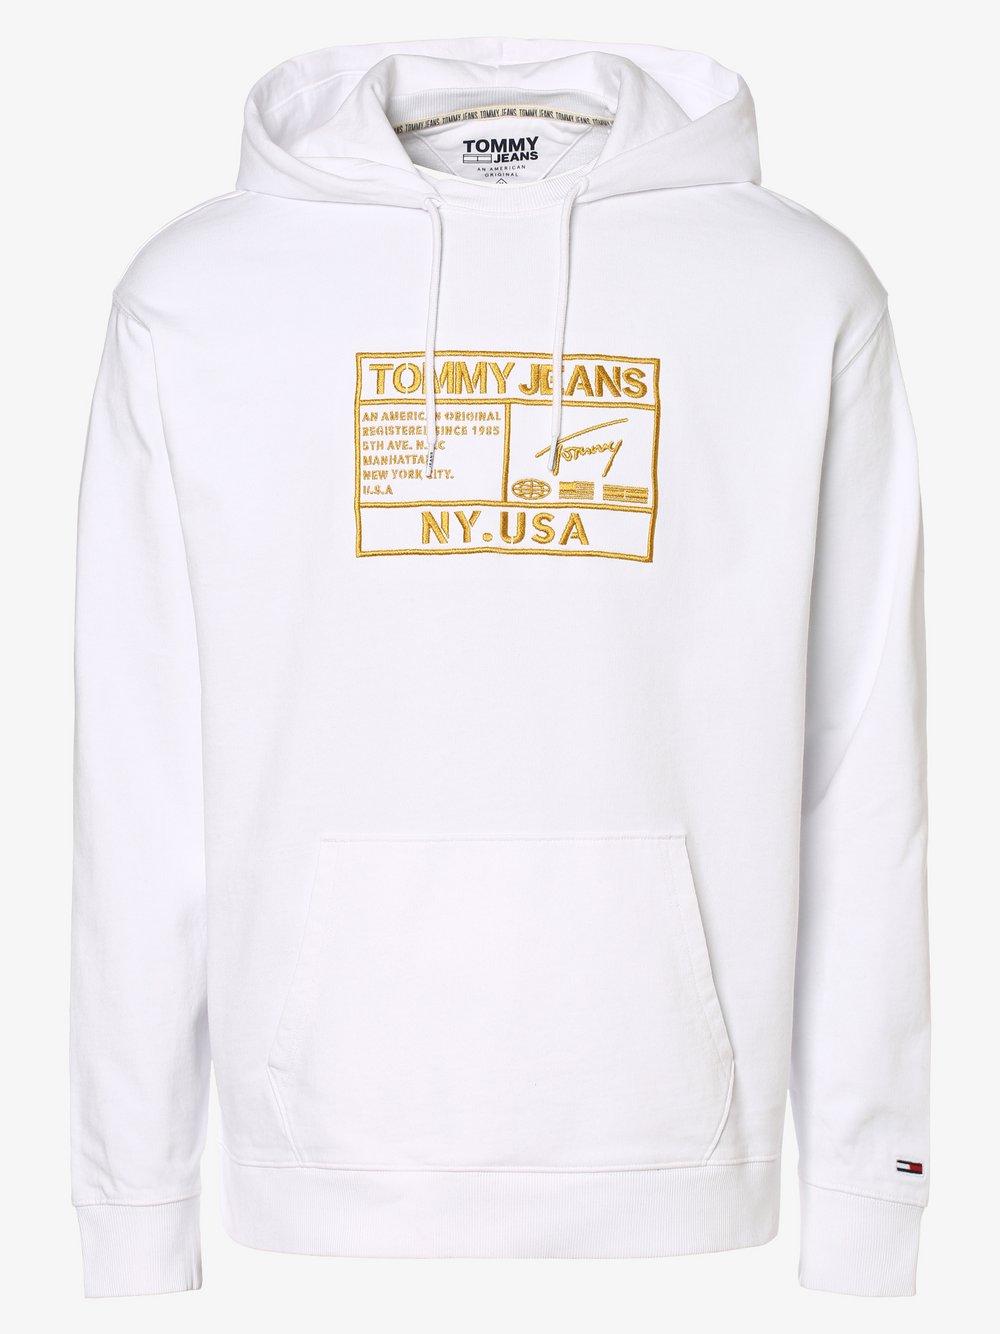 Tommy Jeans - Męska bluza nierozpinana, biały